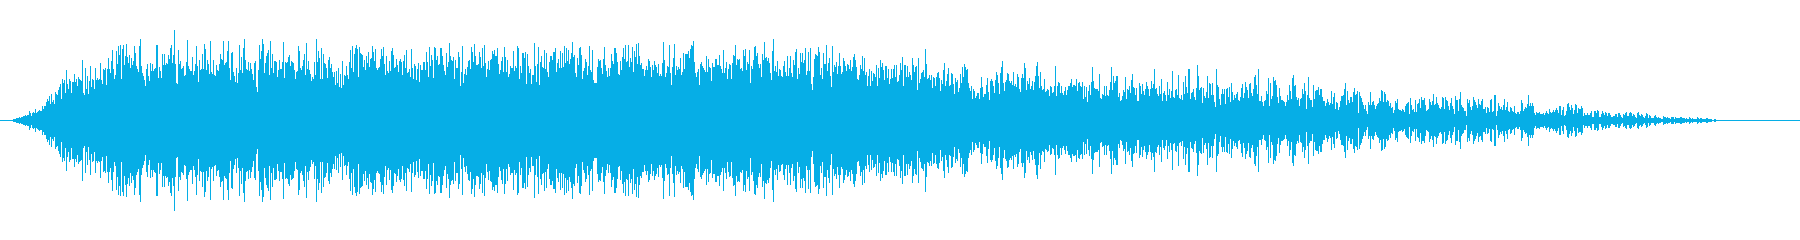 シャラララン↑(明るいミラクルな効果音)の再生済みの波形